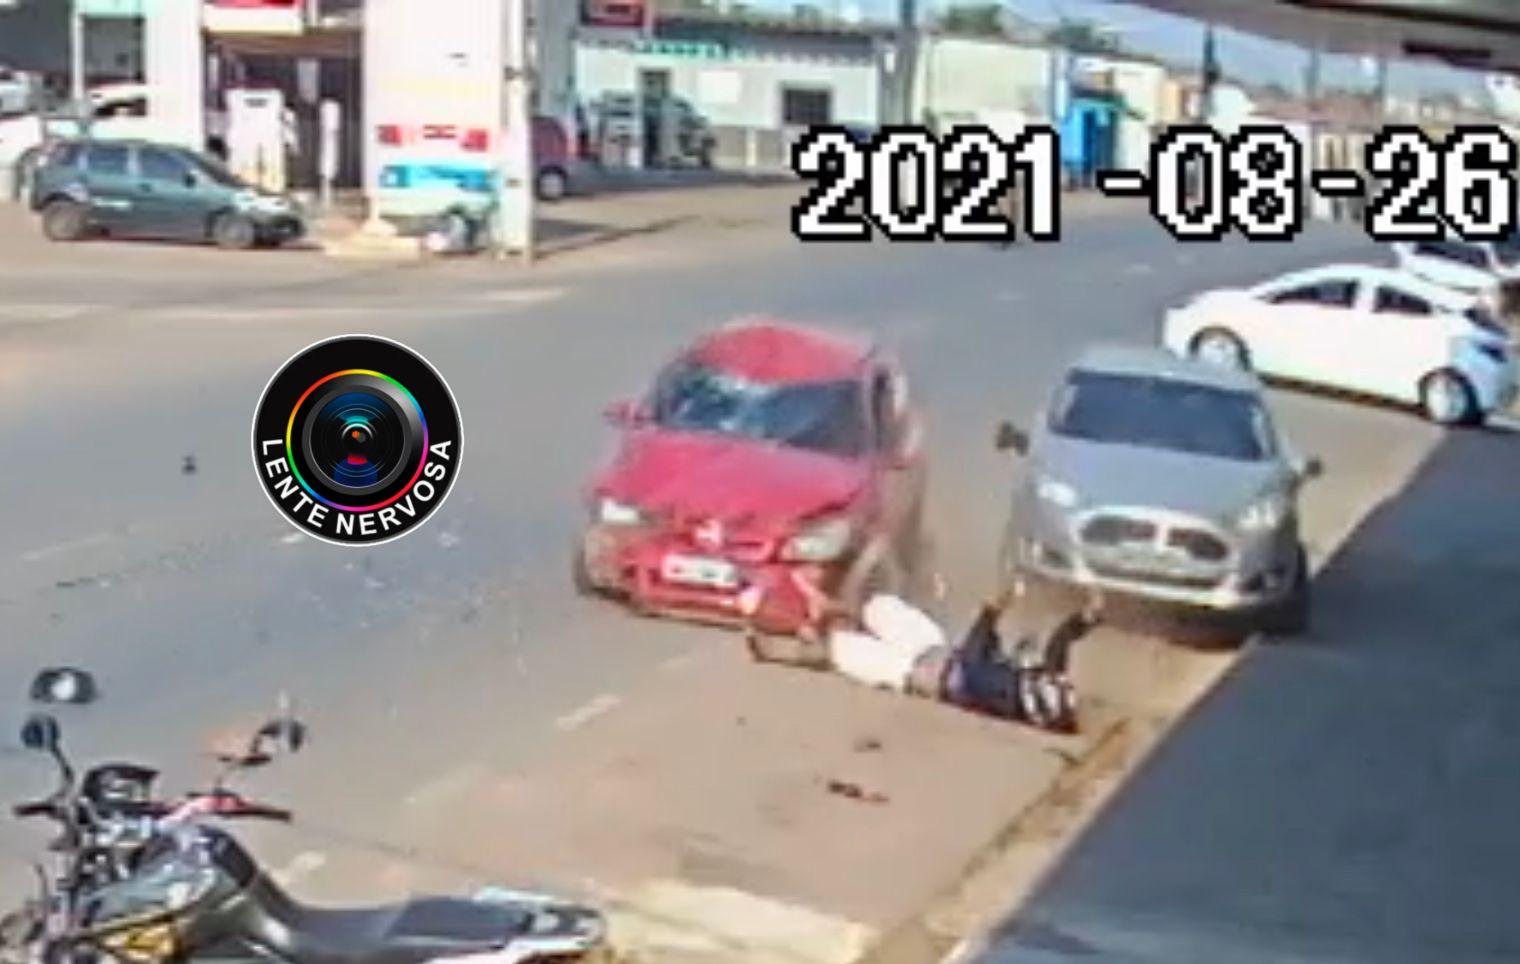 IMPRESSIONANTE – Motociclista fica gravemente ferido ao ser atingido por carro em cruzamento – VÍDEO